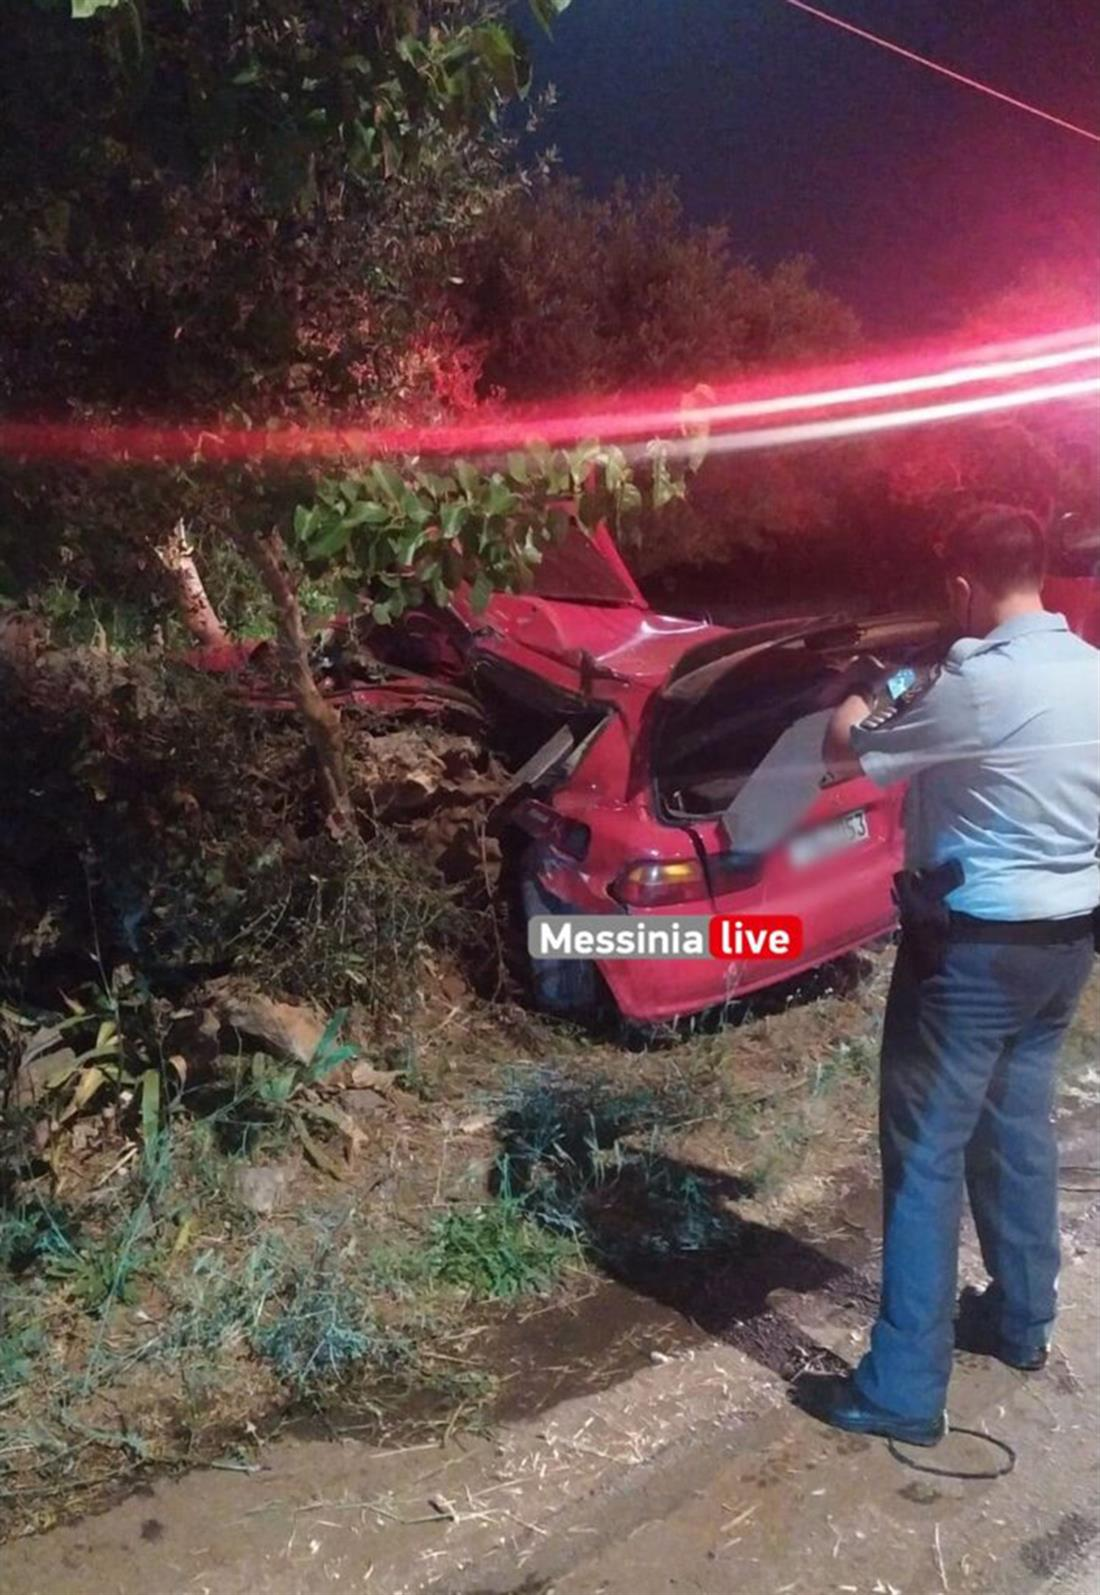 Μεσσηνία - Άγιος Φλώρος - τροχαίο δυστύχημα